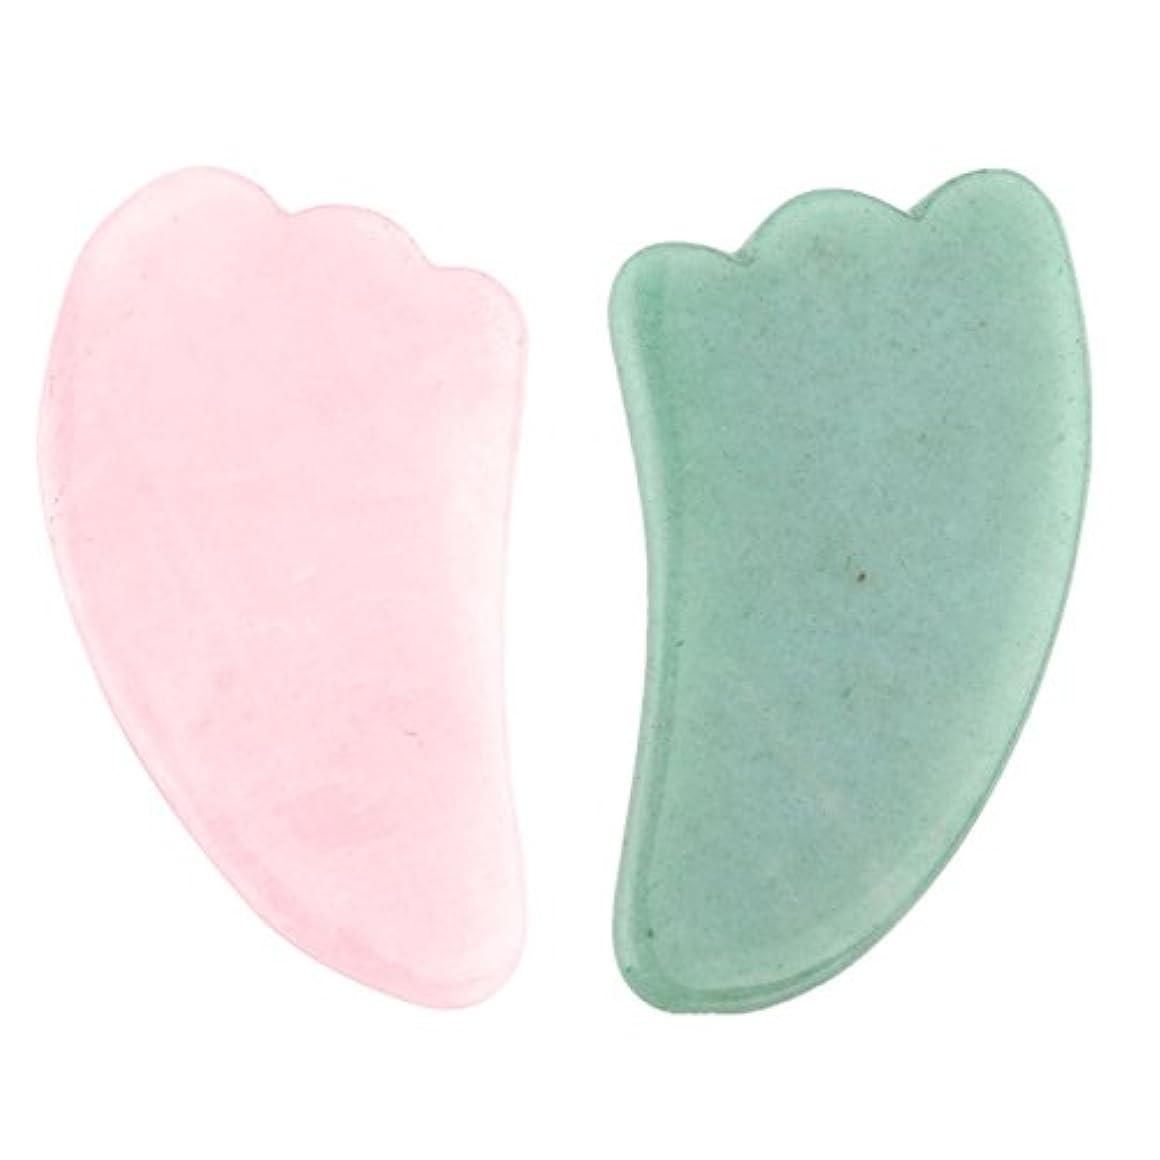 対角線ロッカーおとなしい2点セット2pcsFace/Body Massage rose quartz/Adventurine Natual Gua Sha wing shape 羽型/翼形状かっさプレート 天然石ローズクォーツ 翡翠,顔?ボディ...